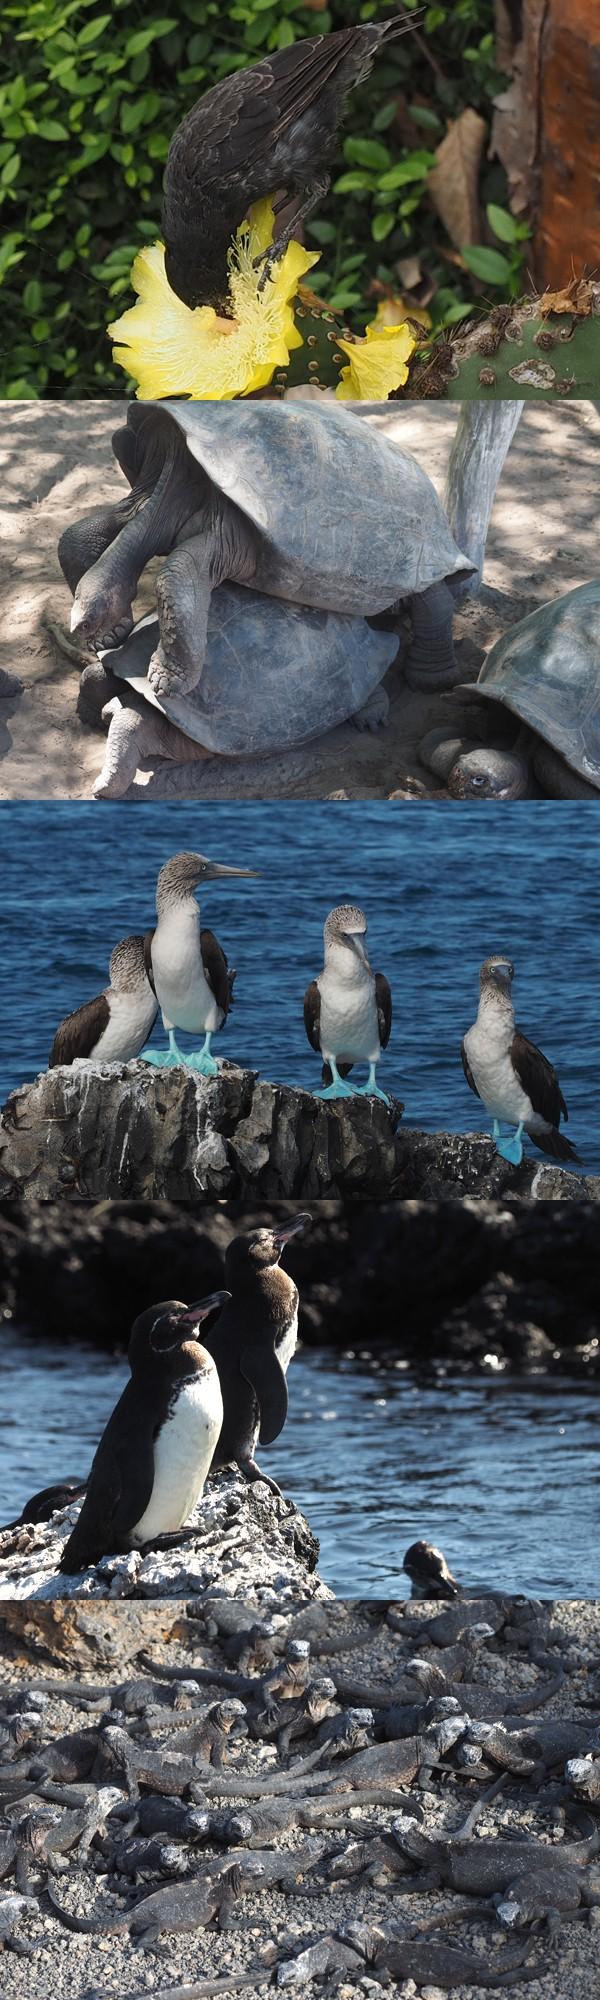 새도 바다사자도 가까이 다가가도 본체만체 : 환경 : 사회 : 뉴스 : 한겨레